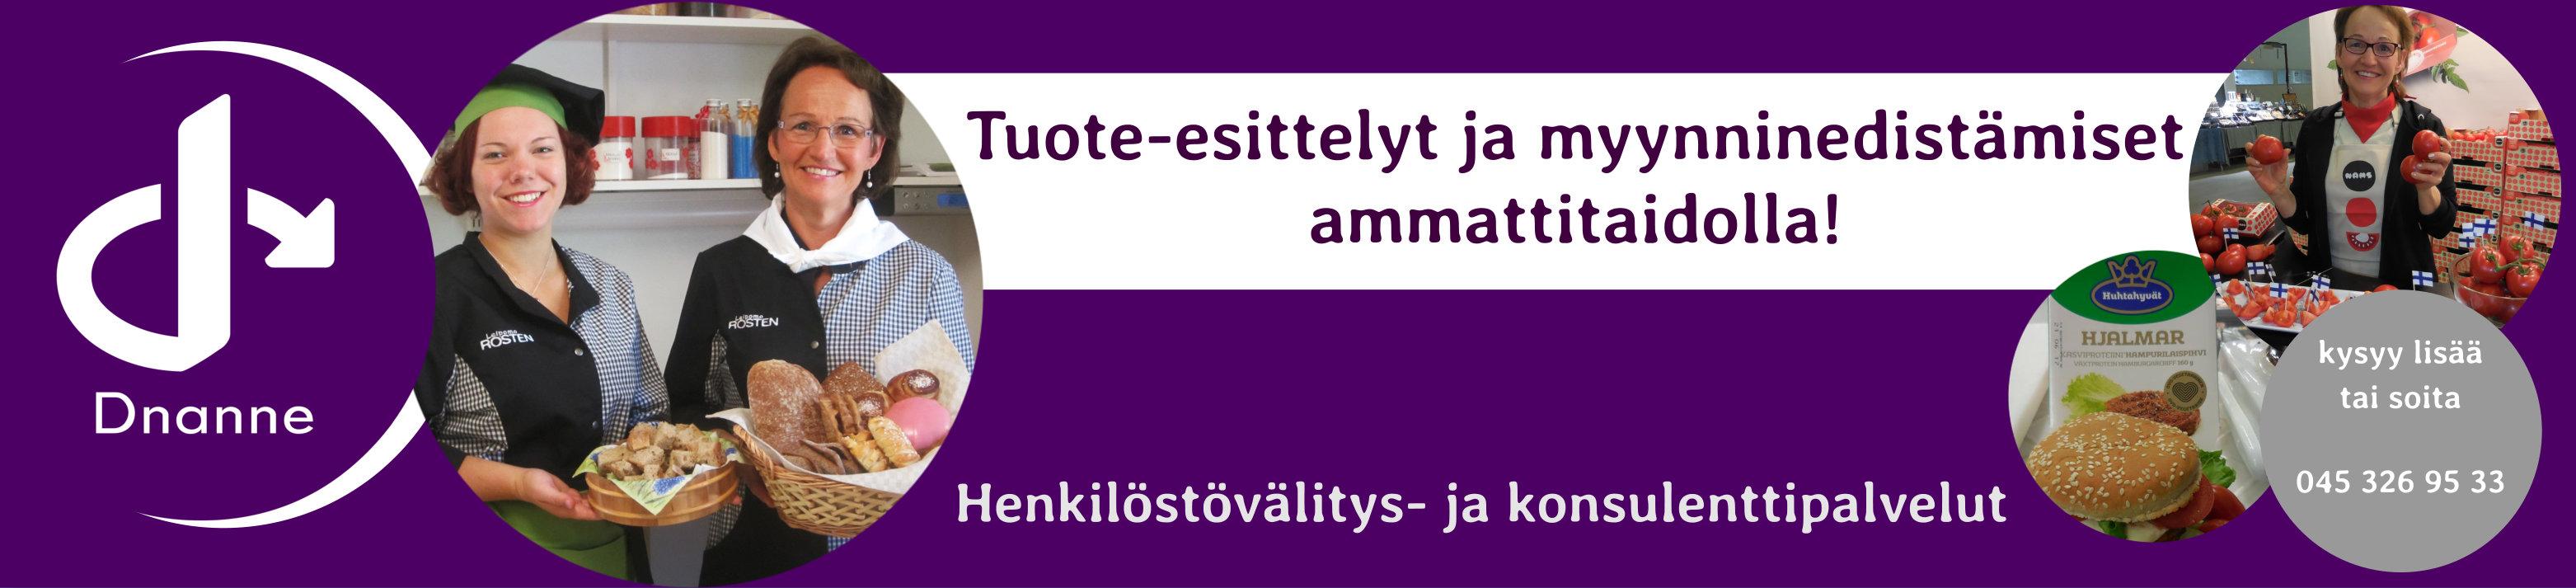 Dnanne Oy – Tuote-esittelyt ja Henkilöstövuokraus Helsingin, Turun ja Tampereen alueilla